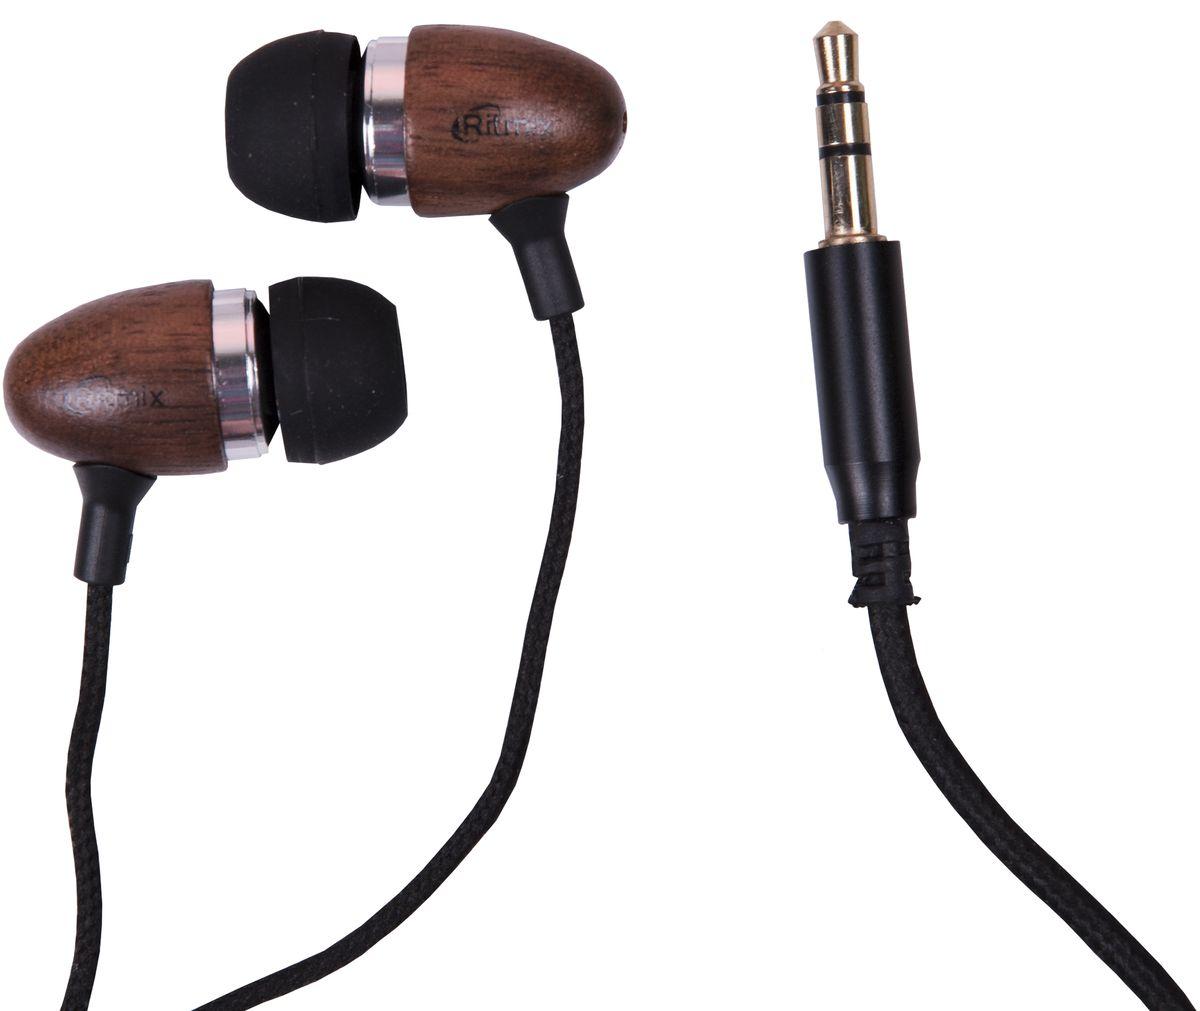 Ritmix RH-158, Dark Venge наушники15119056Ritmix RH-158 – это портативные наушники, предназначенные для использования с телефонами, планшетами, MP3-плеерами. Модель снабжена прочным текстильным проводом, а ее корпус выполнен из дерева. В комплекте имеются дополнительные амбушюры.